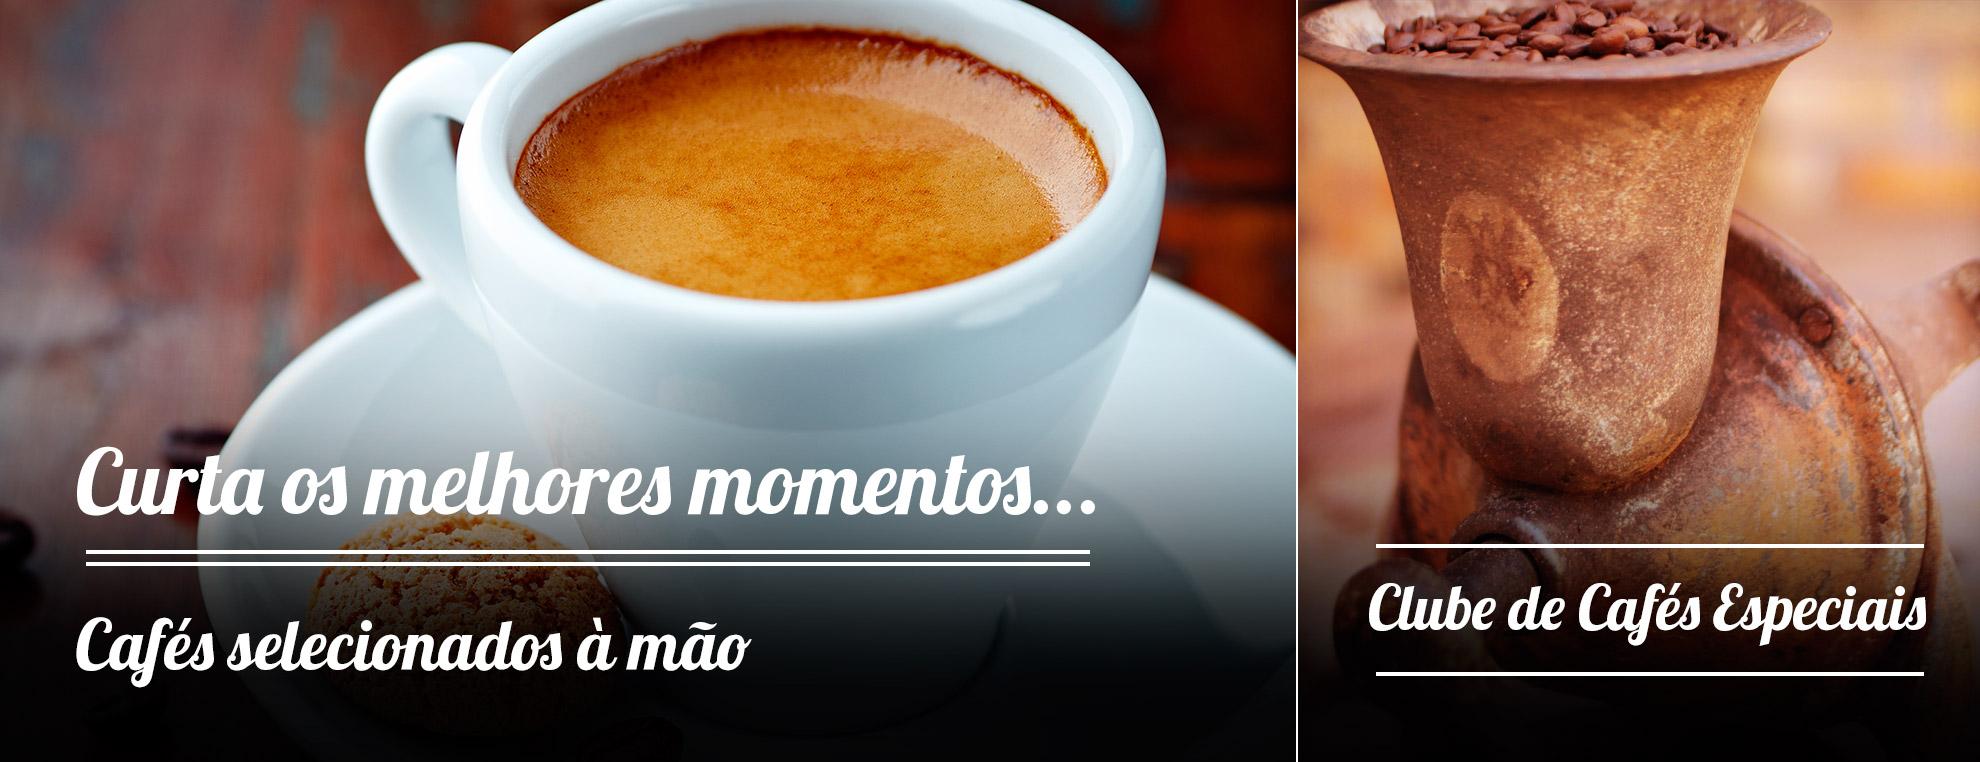 Grão Café